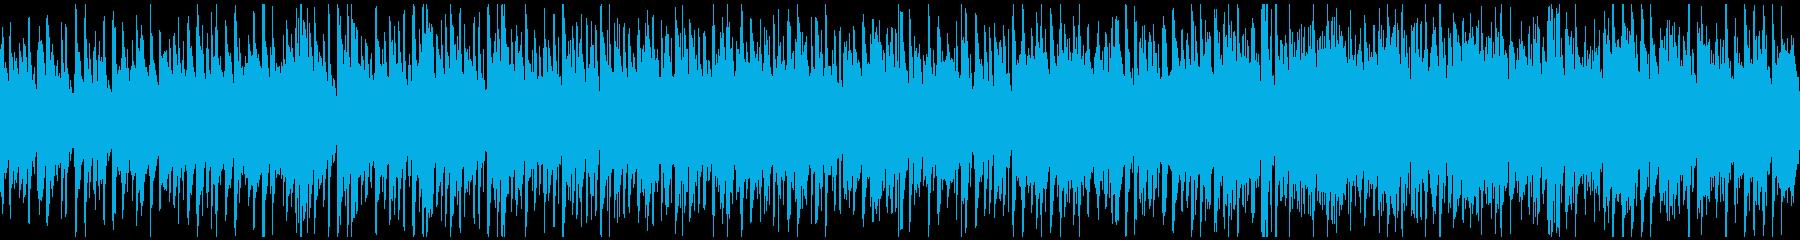 ハッピーなウクレレ曲、ハワイ ※ループ版の再生済みの波形